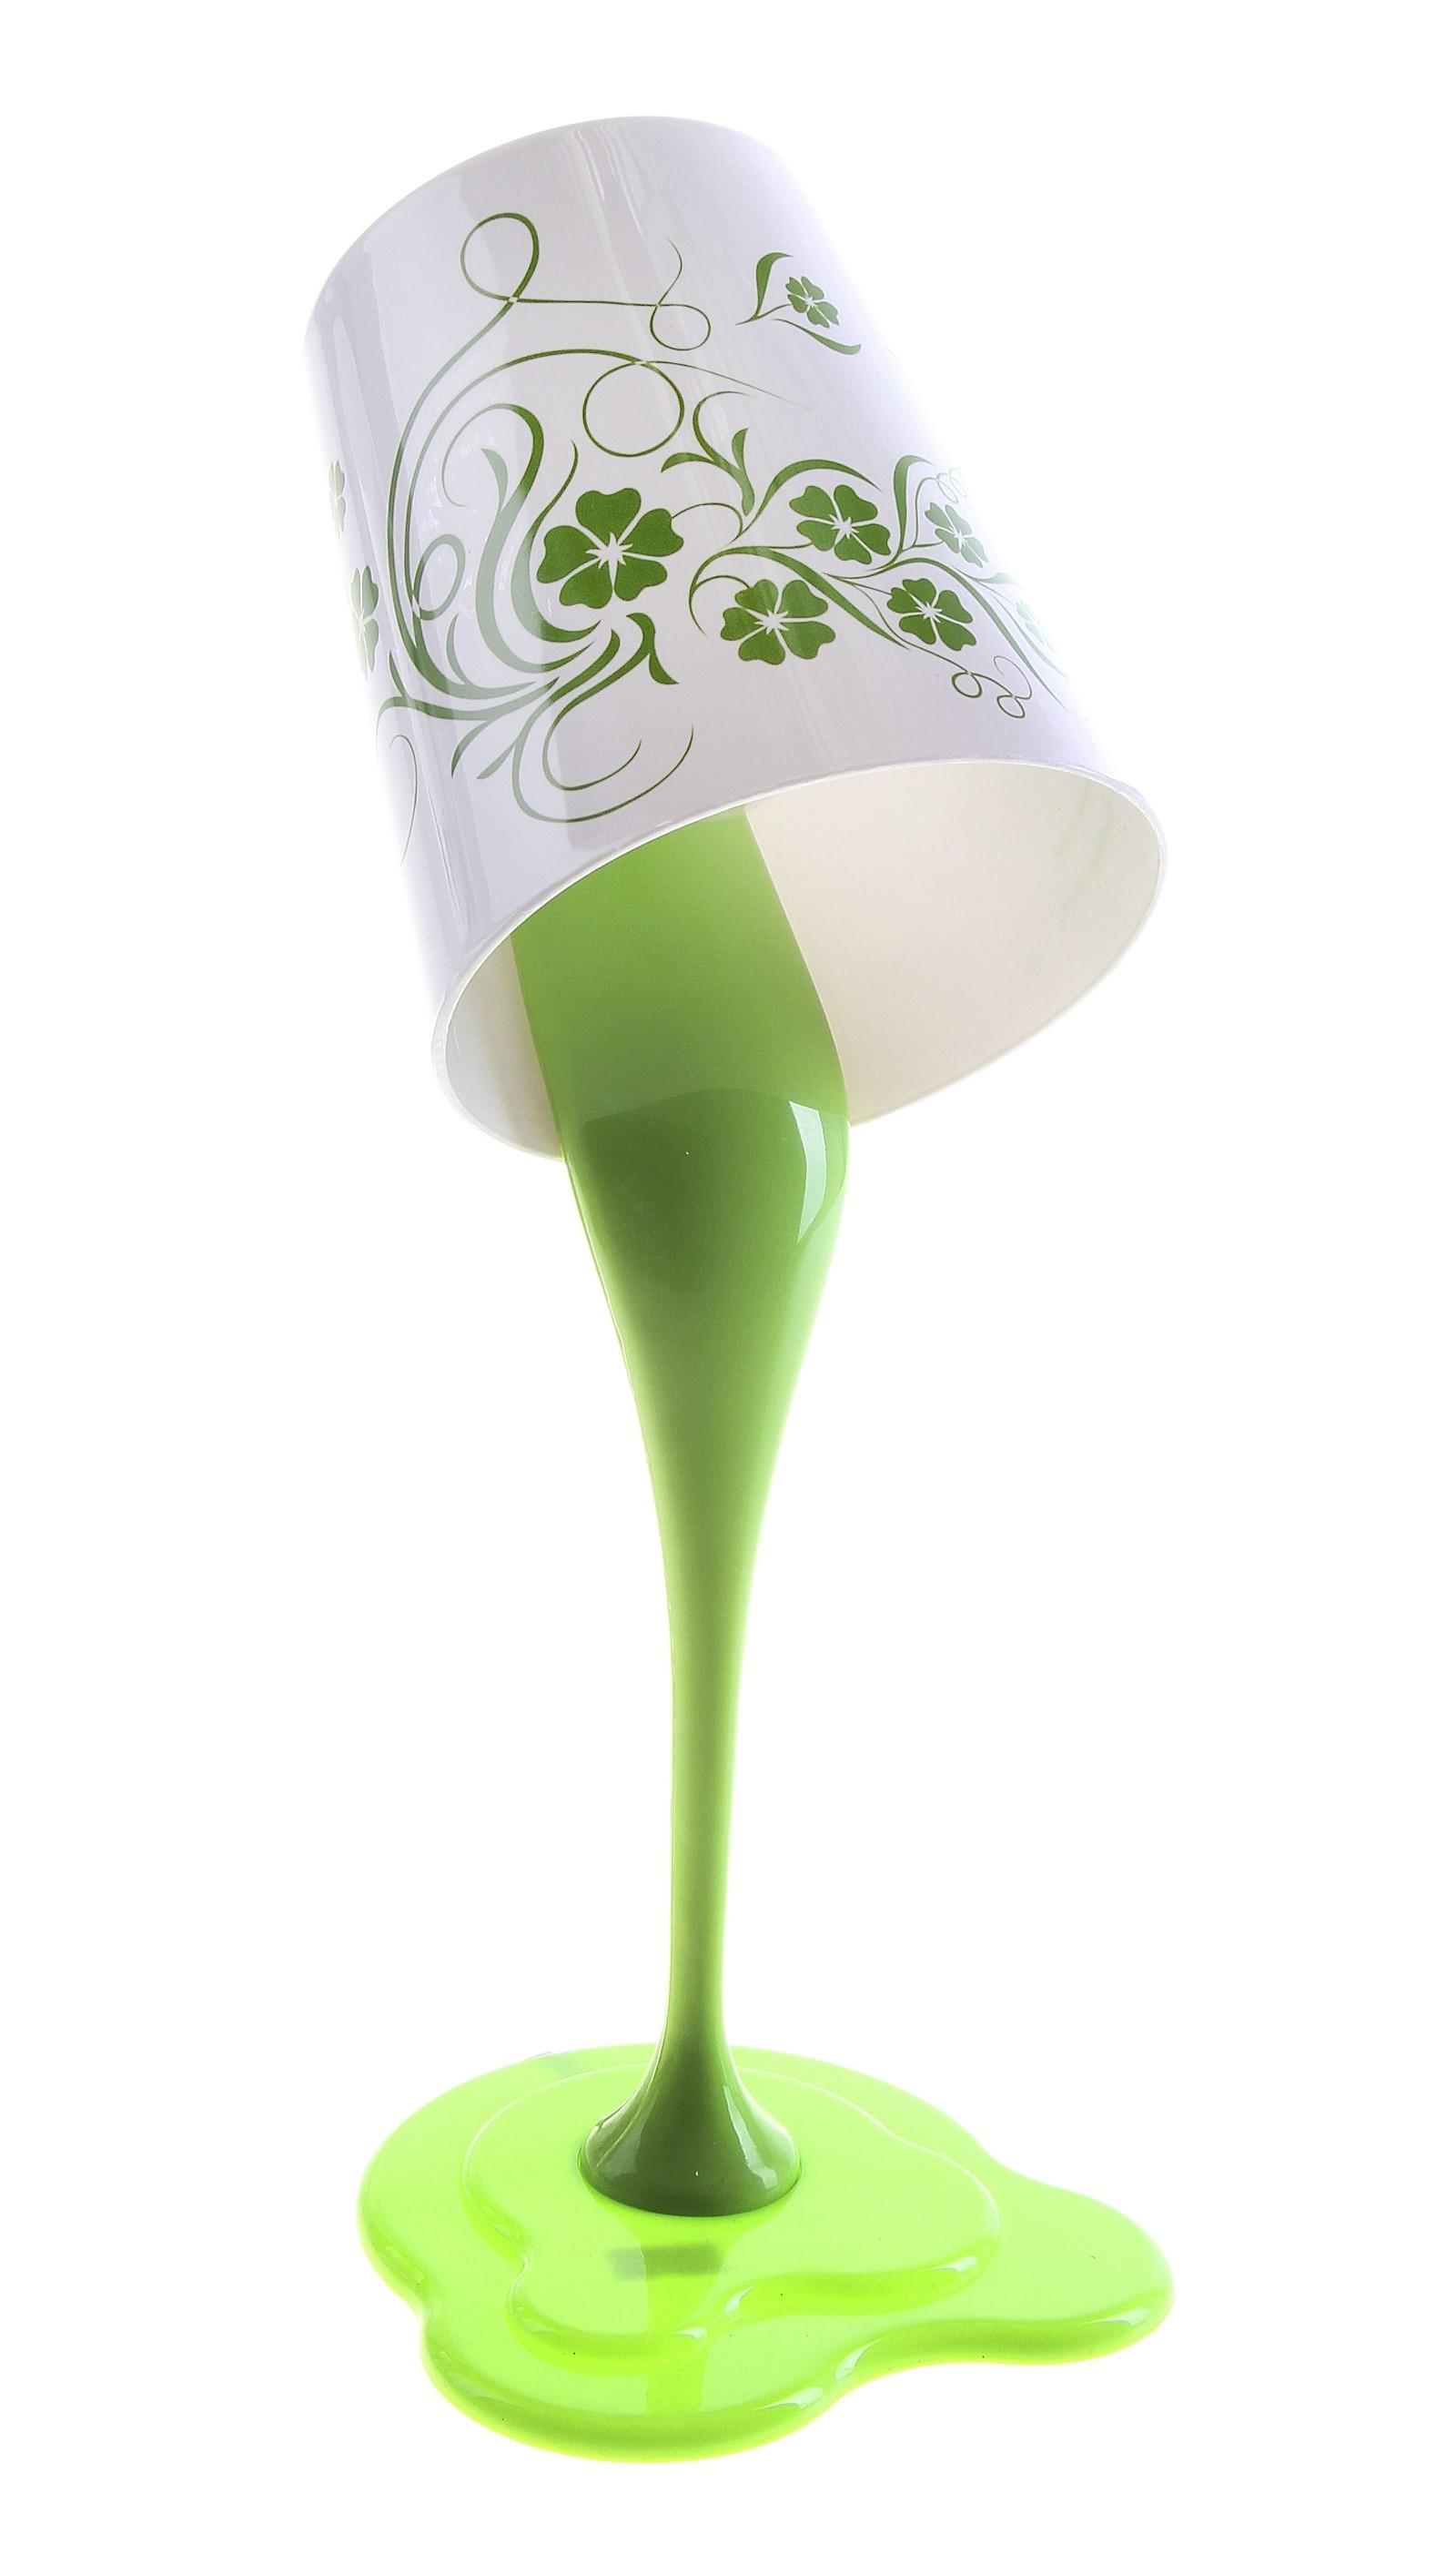 Светильник Зеленая чашка, высота 38 см. 737101737101Настольный светильник Зеленая чашка, ножка и абажур которого изготовлены из пластика, отлично впишется в интерьер вашего дома. Светильник выполнен в виде перевернутой чаши с вытекающей зеленой краской. Абажур украшен цветочным рисунком и надписями. Электрическая часть выполнена в соответствии с требованиями по безопасности. Светильник работает от электросети. На шнуре расположена кнопка включения/выключения света. Настольный светильник украсит любое помещение в доме!Светильники - предметы, без которых мы не представляем себе комфортной жизни. Сегодня функции светильников не ограничиваются освещением помещения. Они также являются центральной фигурой интерьера, подчеркивают общий стиль помещения, создают уют и дарят эстетическое удовольствие. Характеристики: Материал: пластик. Цвет: белый, салатовый. Размер светильника (В х Д х Ш): 38 см х 14 см х 15 см. Количество лампочек: R27х1 (входит в комплект). Мощность светильника: 25 W. Размер упаковки: 40 см х 19 см х 15 см. Артикул: 737101. Работает от сети 220 V.